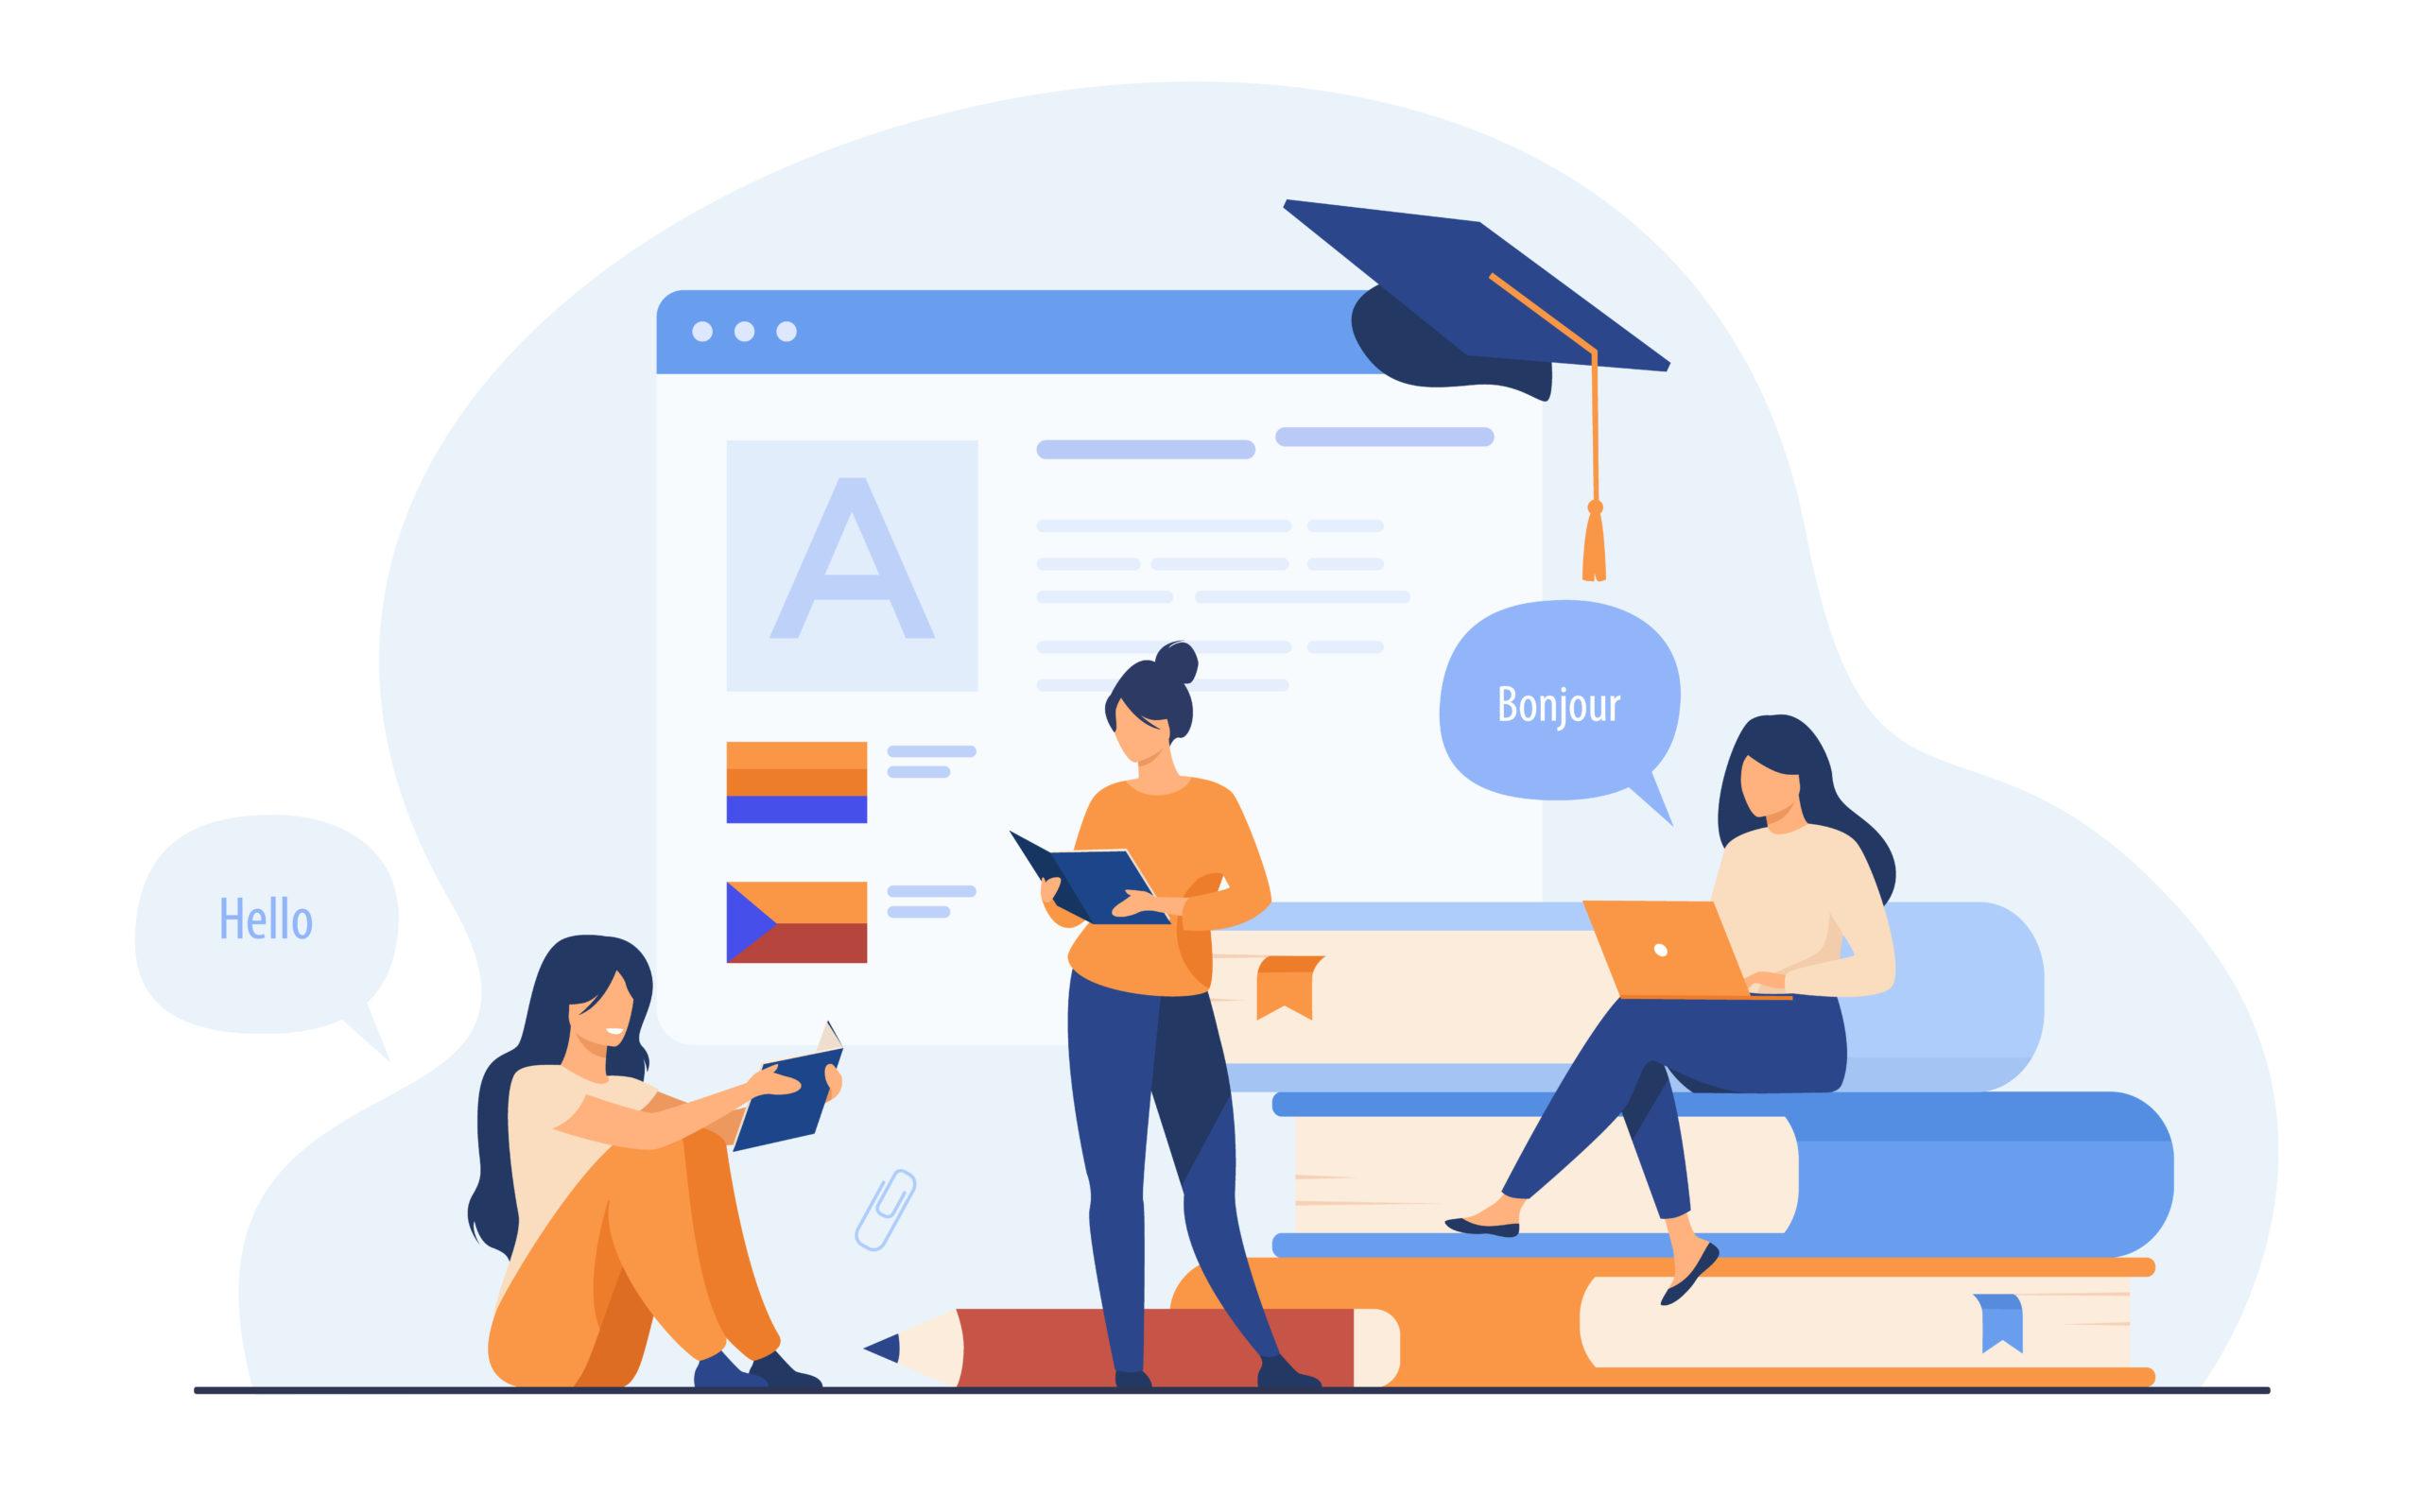 التعليم عبر الفصول الافتراضية… هل يكون أسهل؟